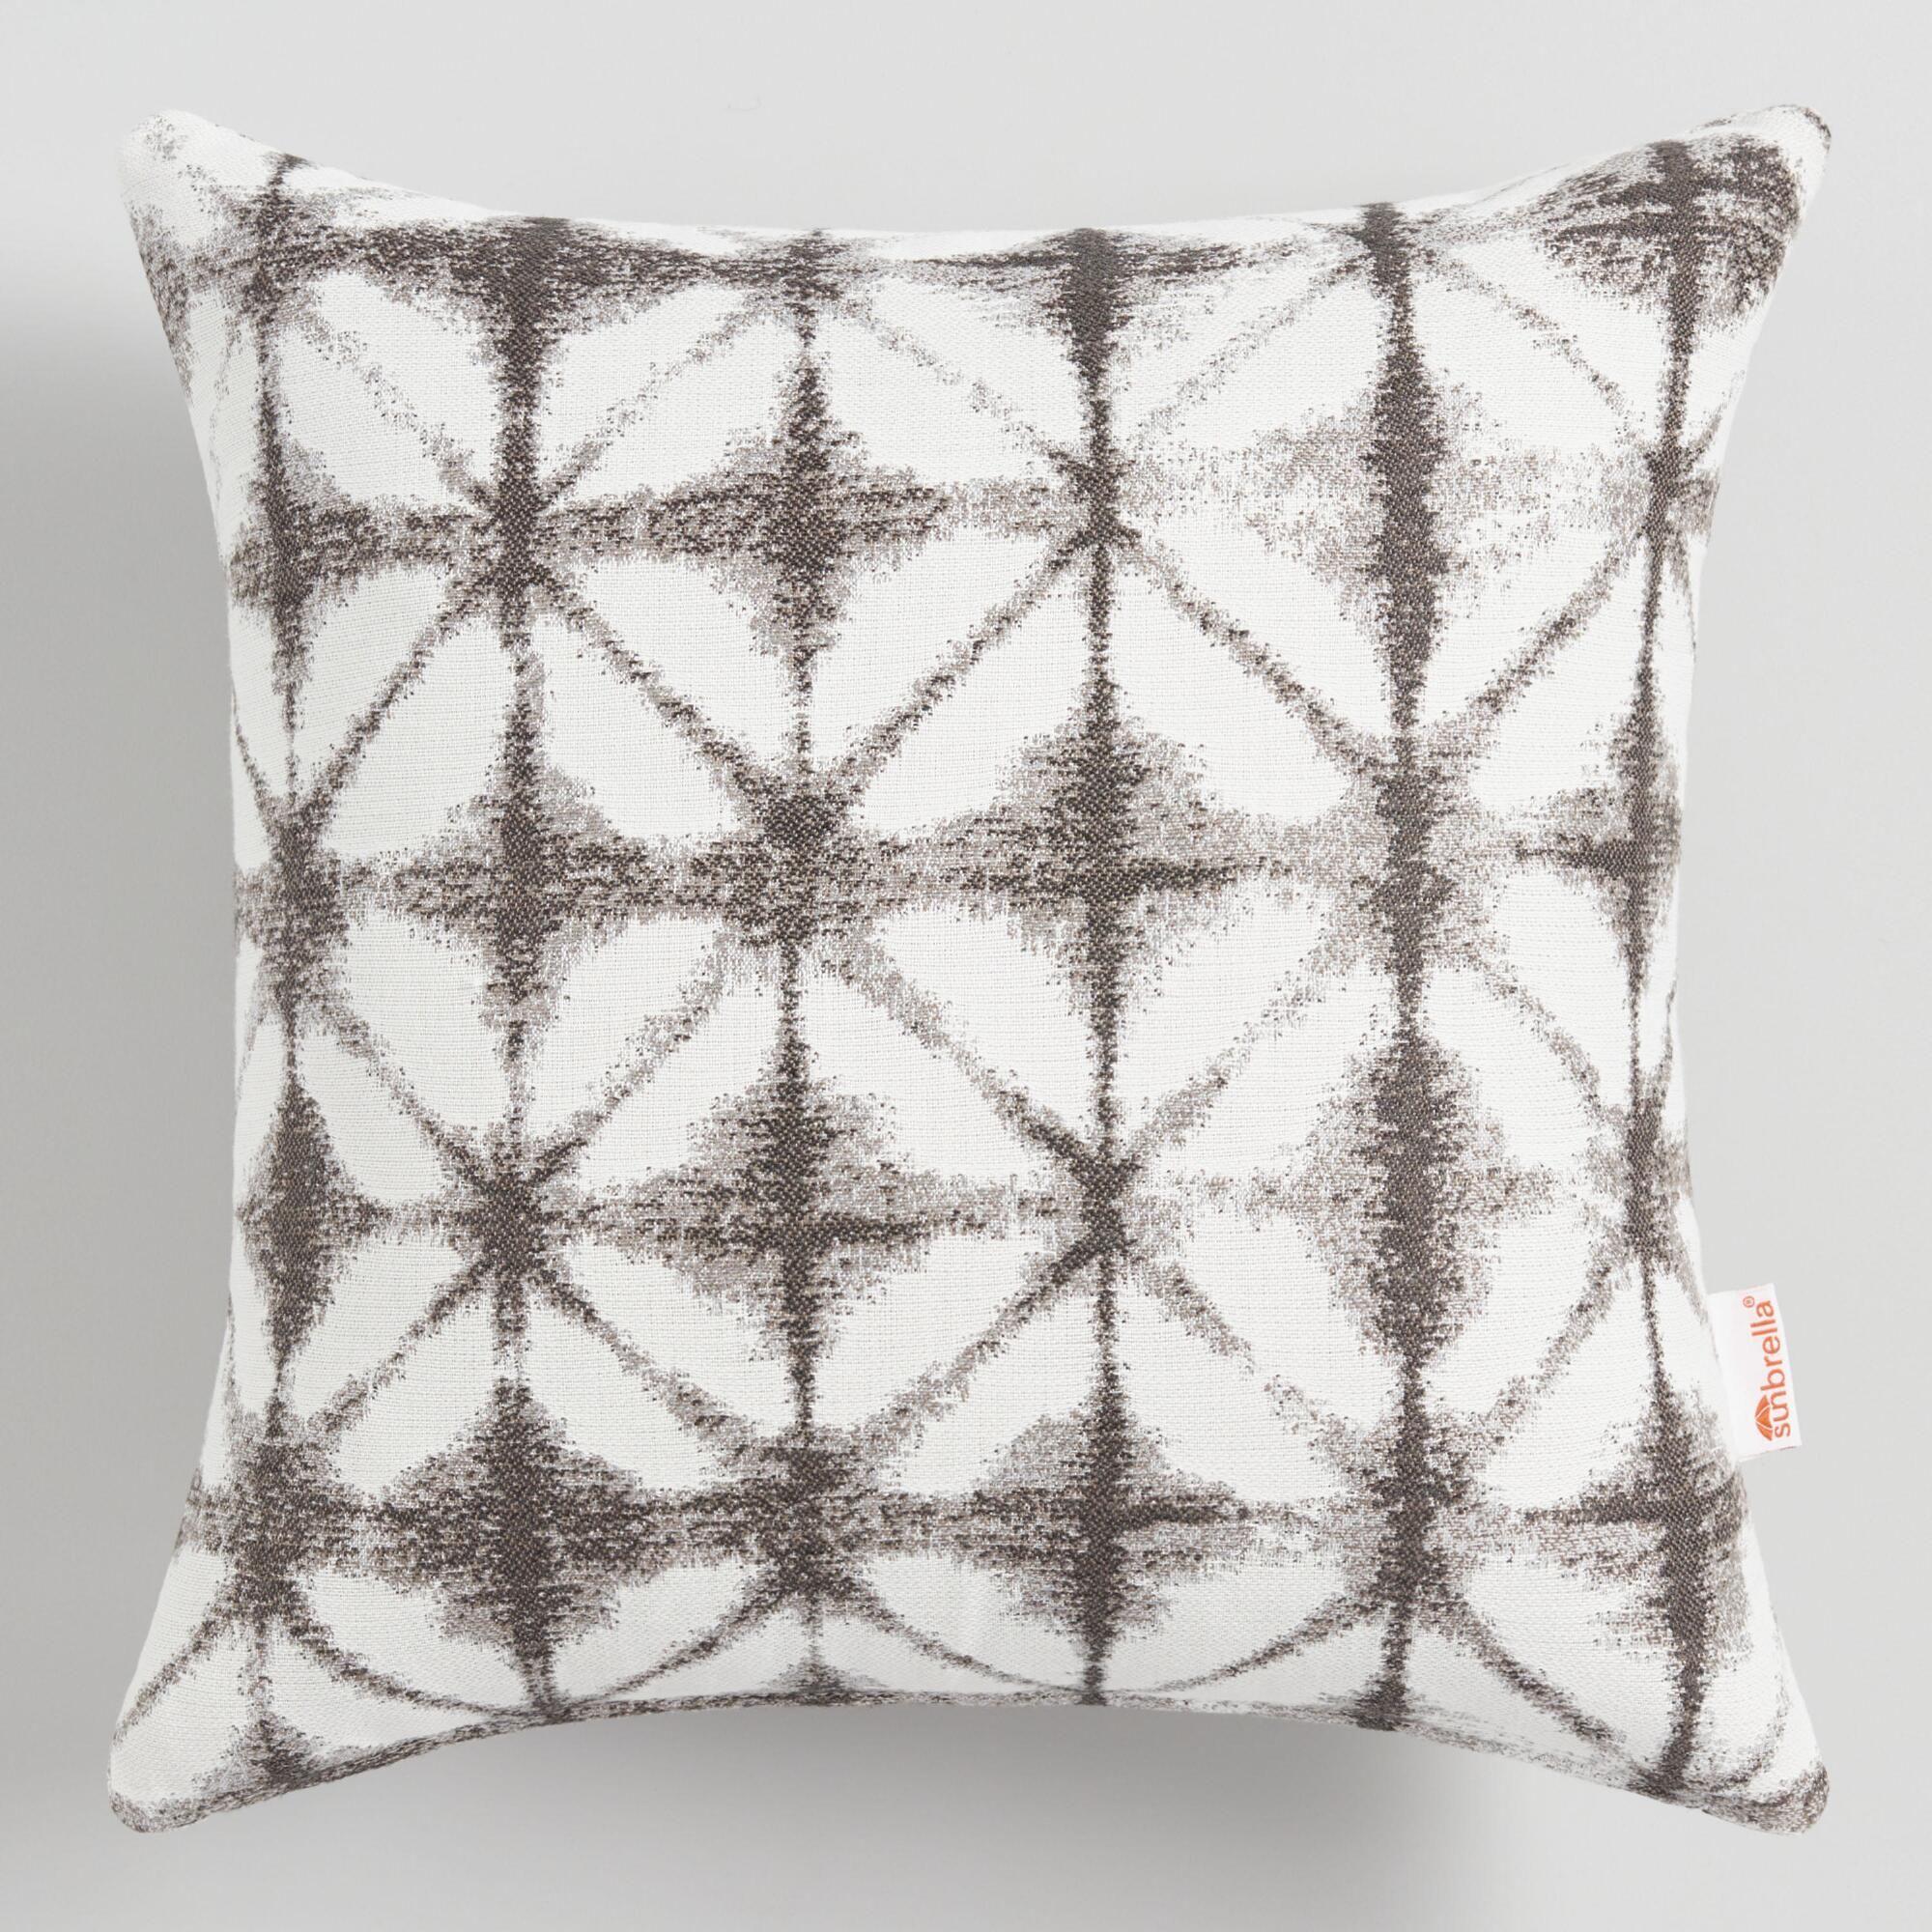 Sunbrella Gray Tile Outdoor Patio Throw Pillow By World Market